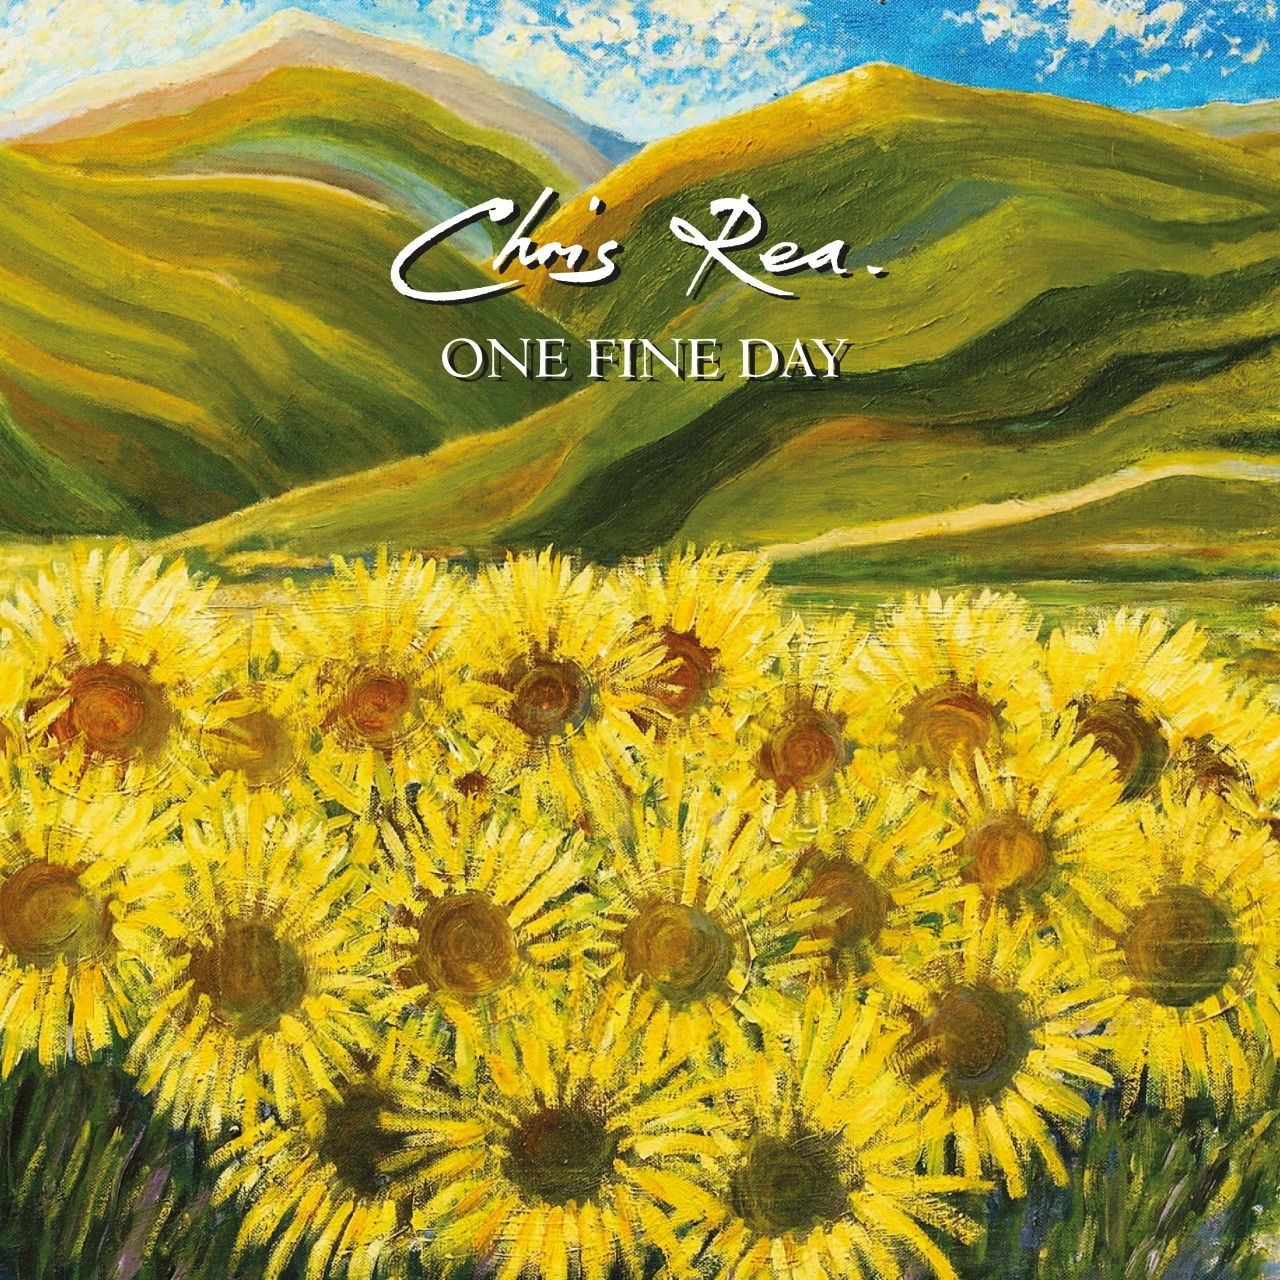 クリス・レアの名盤『オン・ザ・ビーチ』のデラックス・エディションが本日発売。 「ドライヴィング・ホーム・フォー・クリスマス」の初期ヴァージョンも収録。